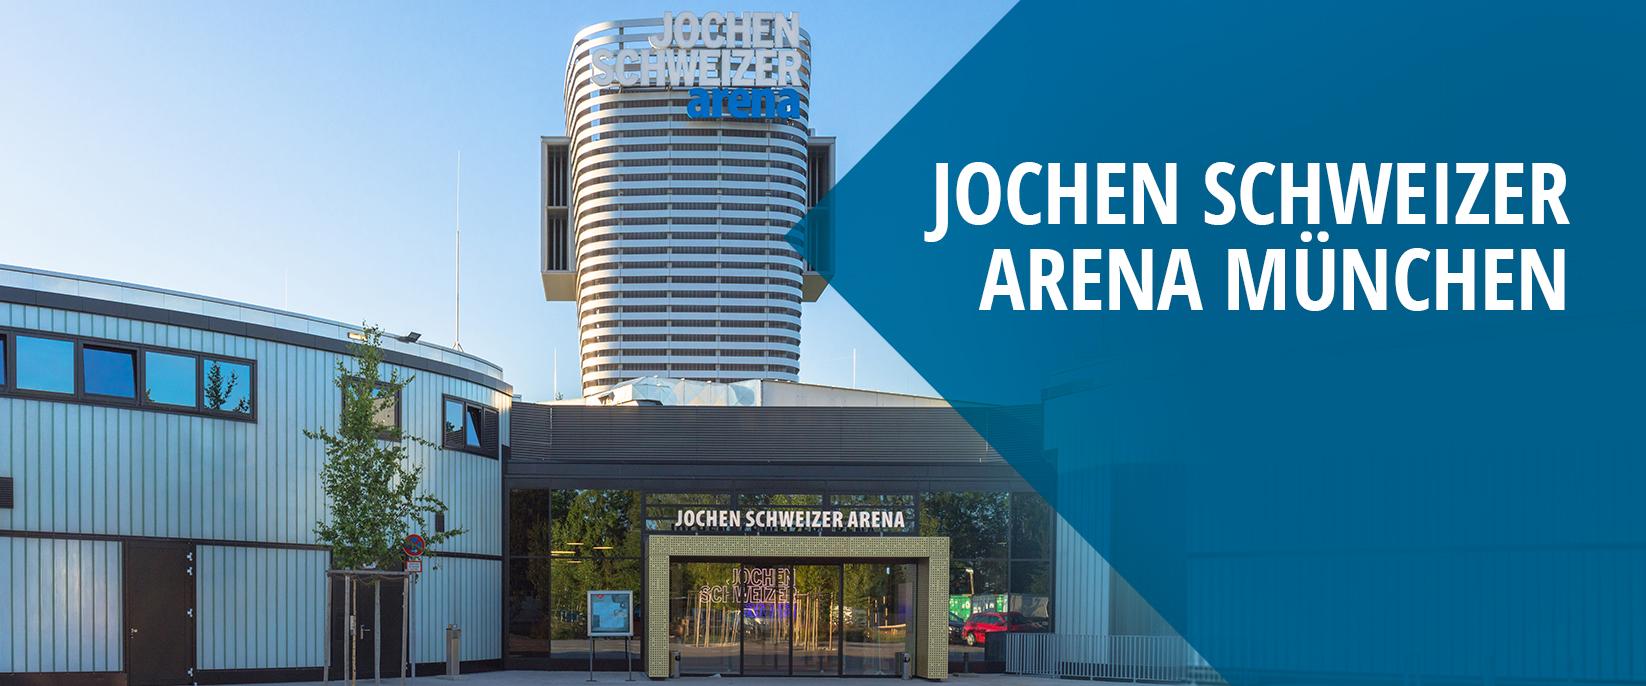 Erlebnisse in der Jochen Schweizer Arena München